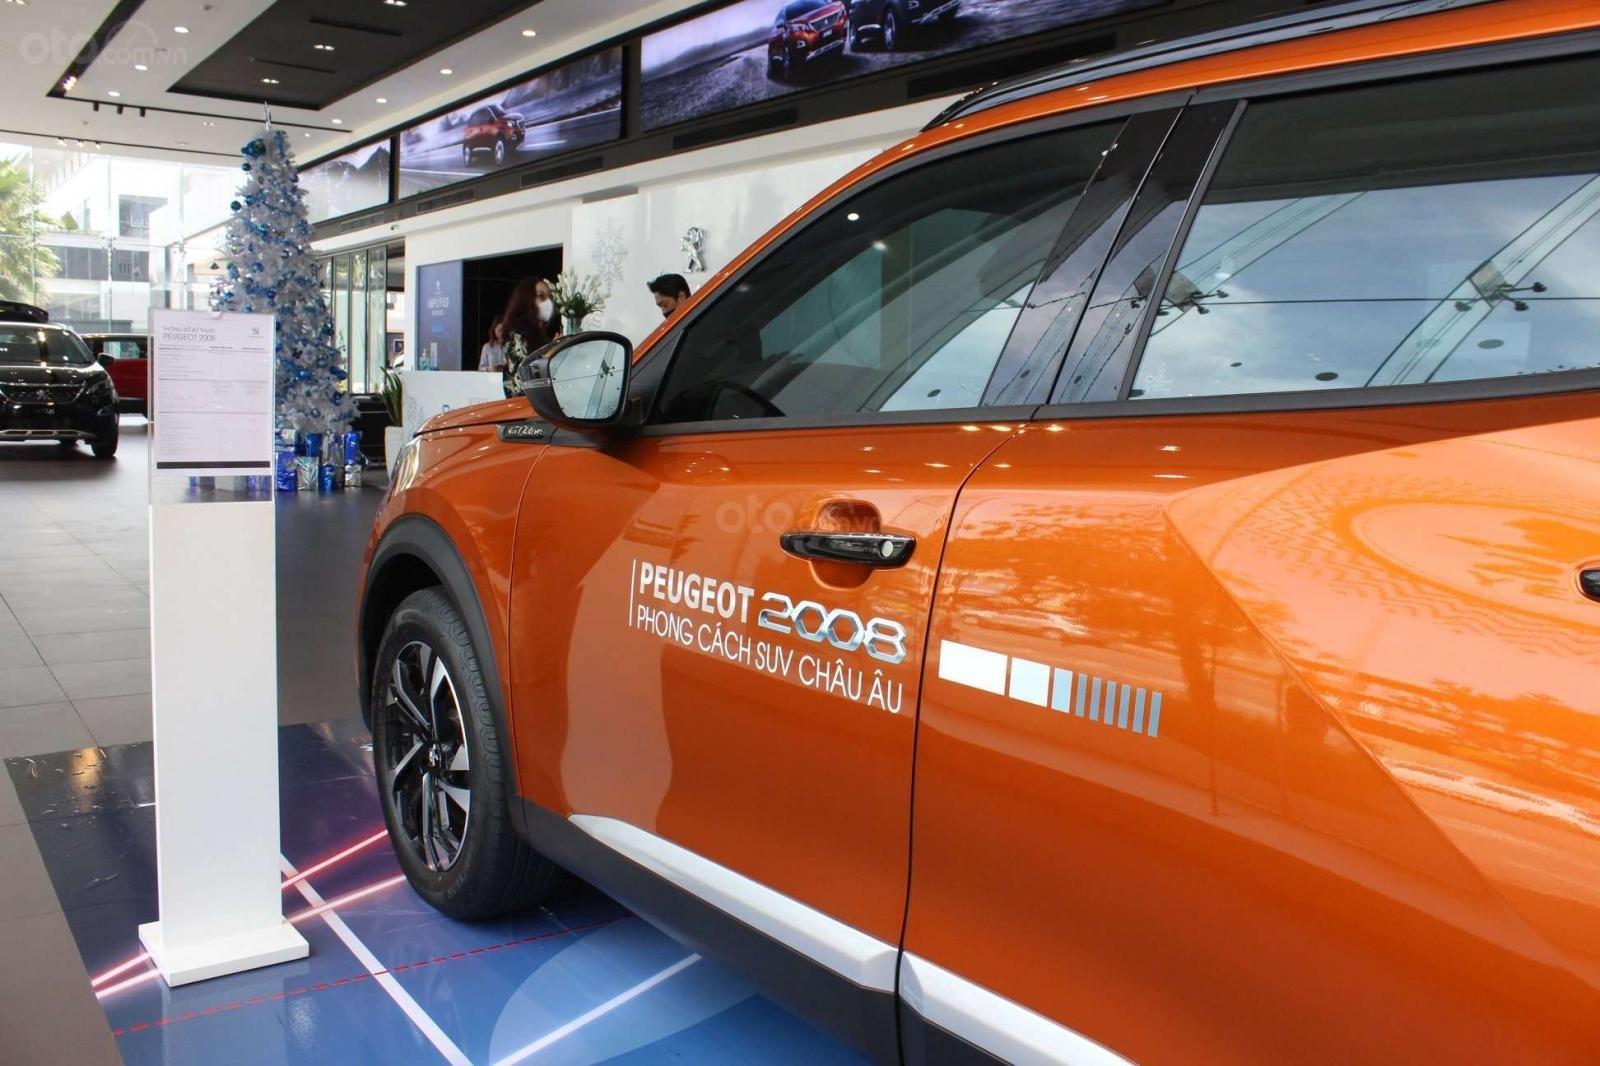 Siêu phẩm SUV - Peugeot 2008, liên hệ ngay để nhận nhiều ưu đãi hấp dẫn! (2)